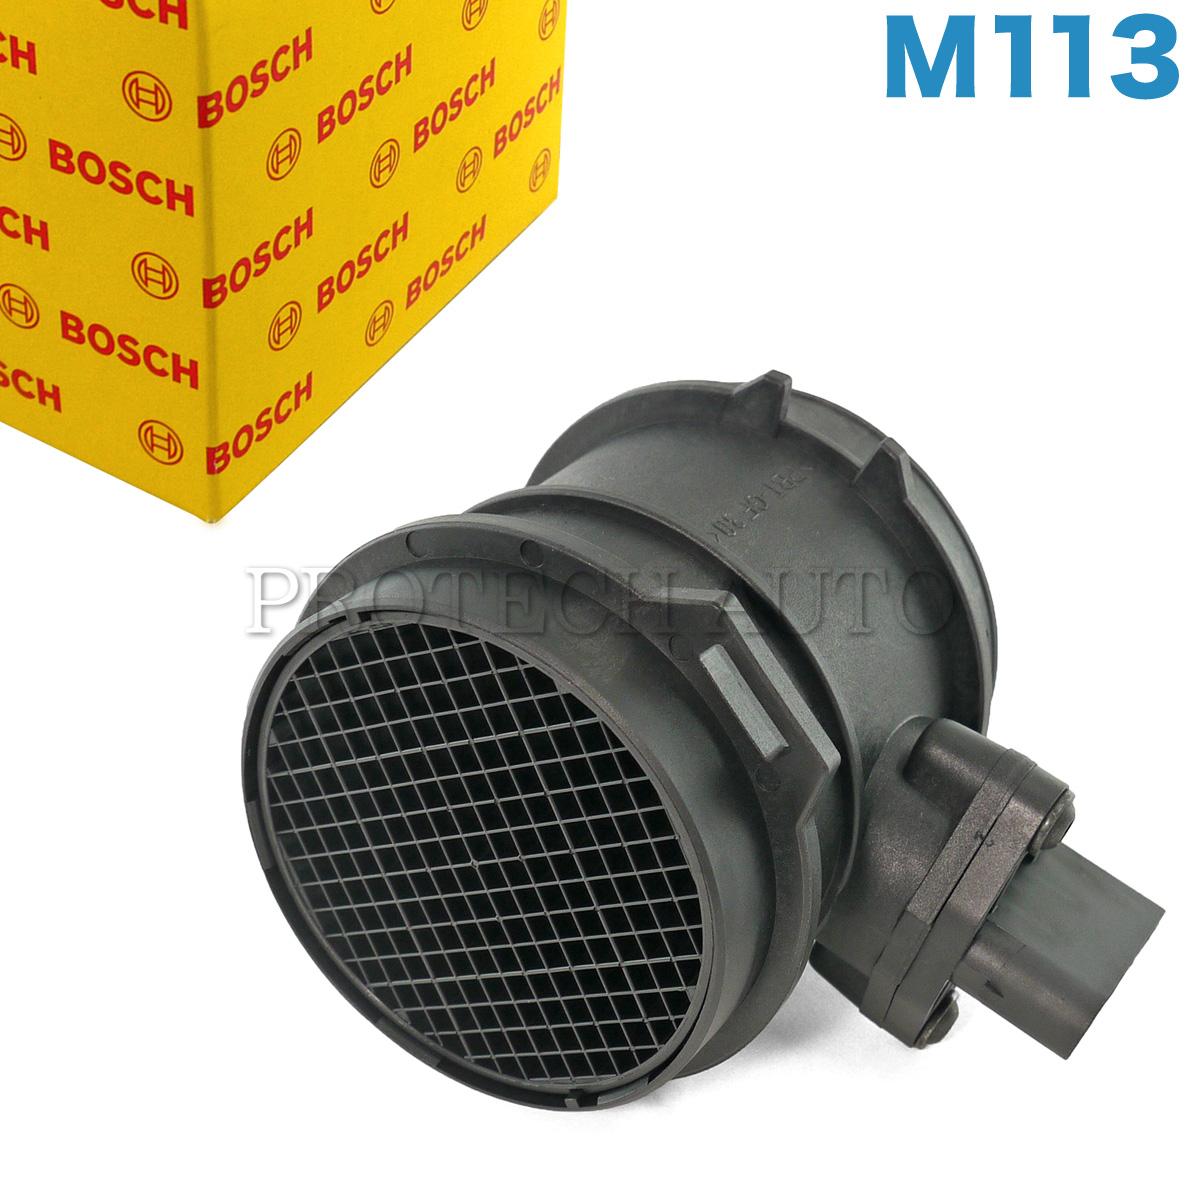 BOSCH製 ベンツ Cクラス W203 M113 V8 エンジン用 エアマスセンサー 1130940048 0280217810 C55AMG【あす楽対応】